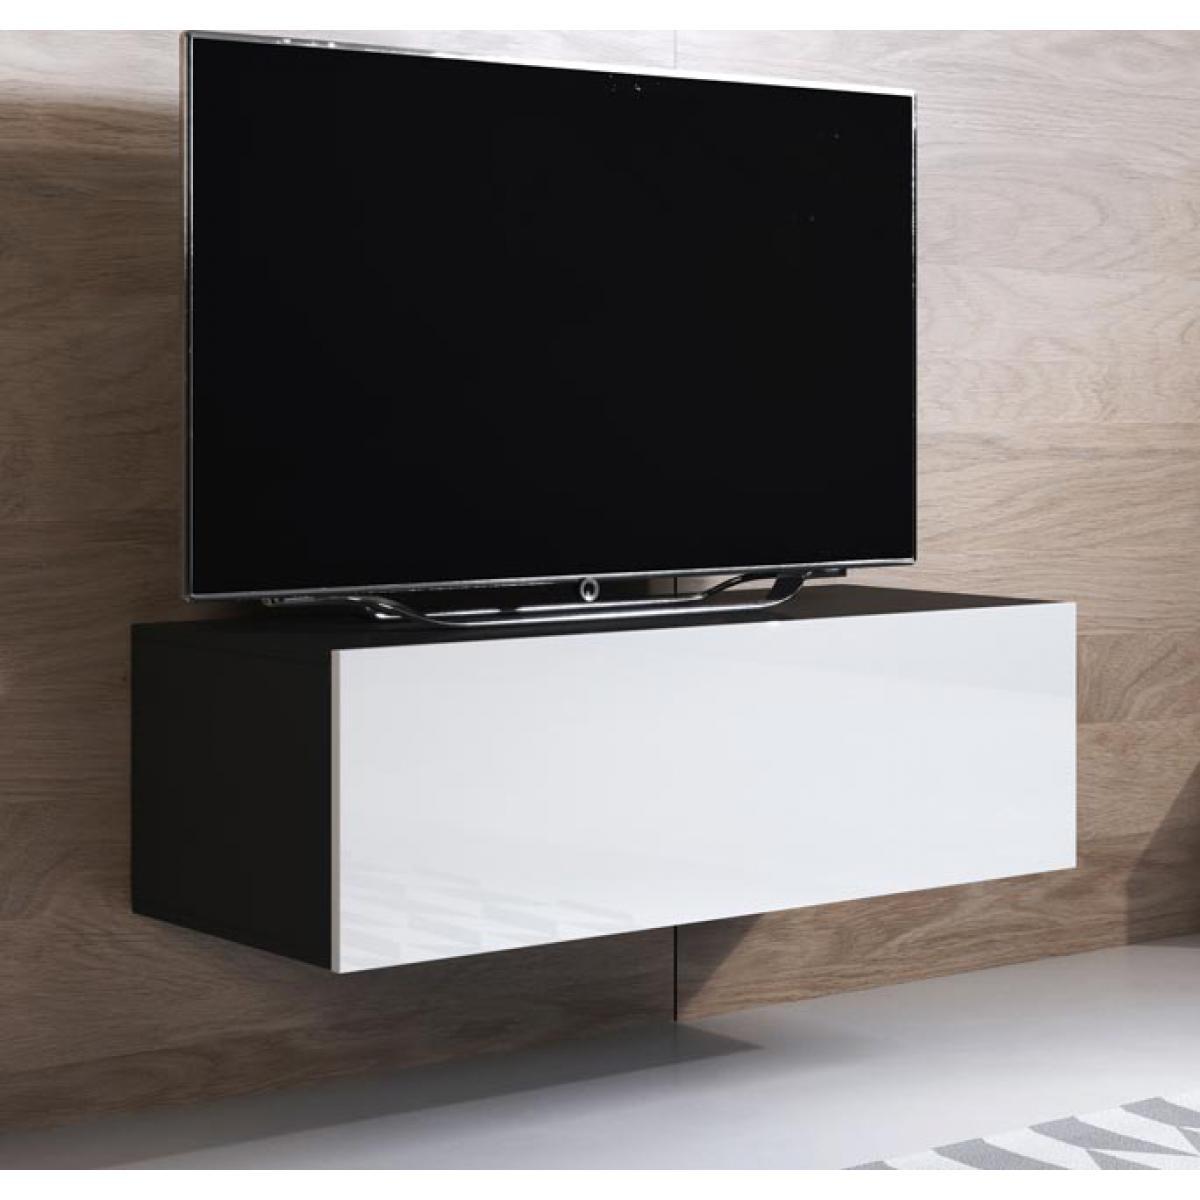 Design Ameublement Meuble TV modèle Luke H1 (100x30cm) couleur noir et blanc